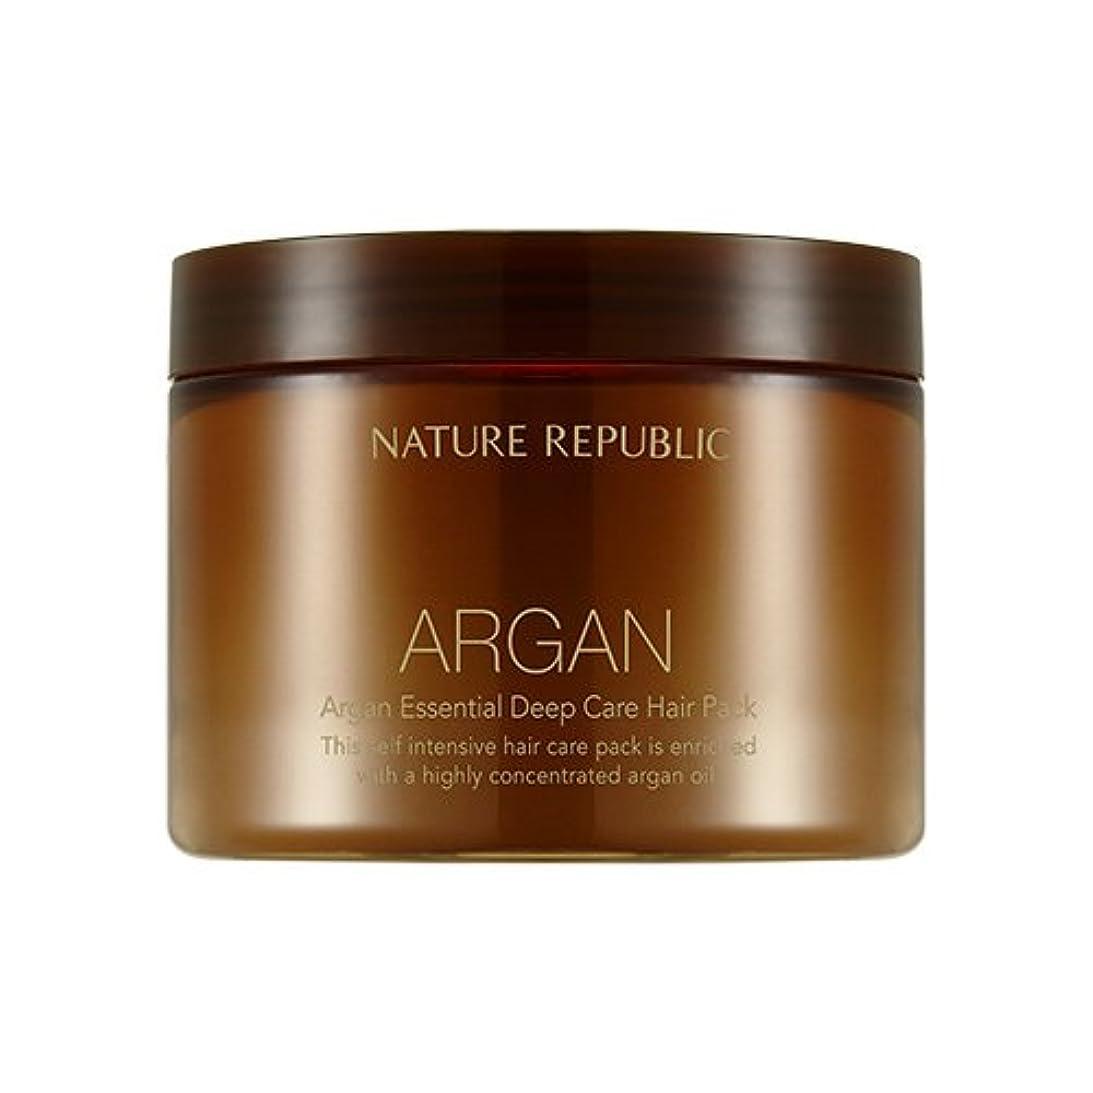 スカート強大な冗長NATURE REPUBLIC Argan Essential Deep Care Hair Pack 470ml ネイチャーリパブリック アルガンエッセンシャルディープケアヘアパック 470ml [並行輸入品]